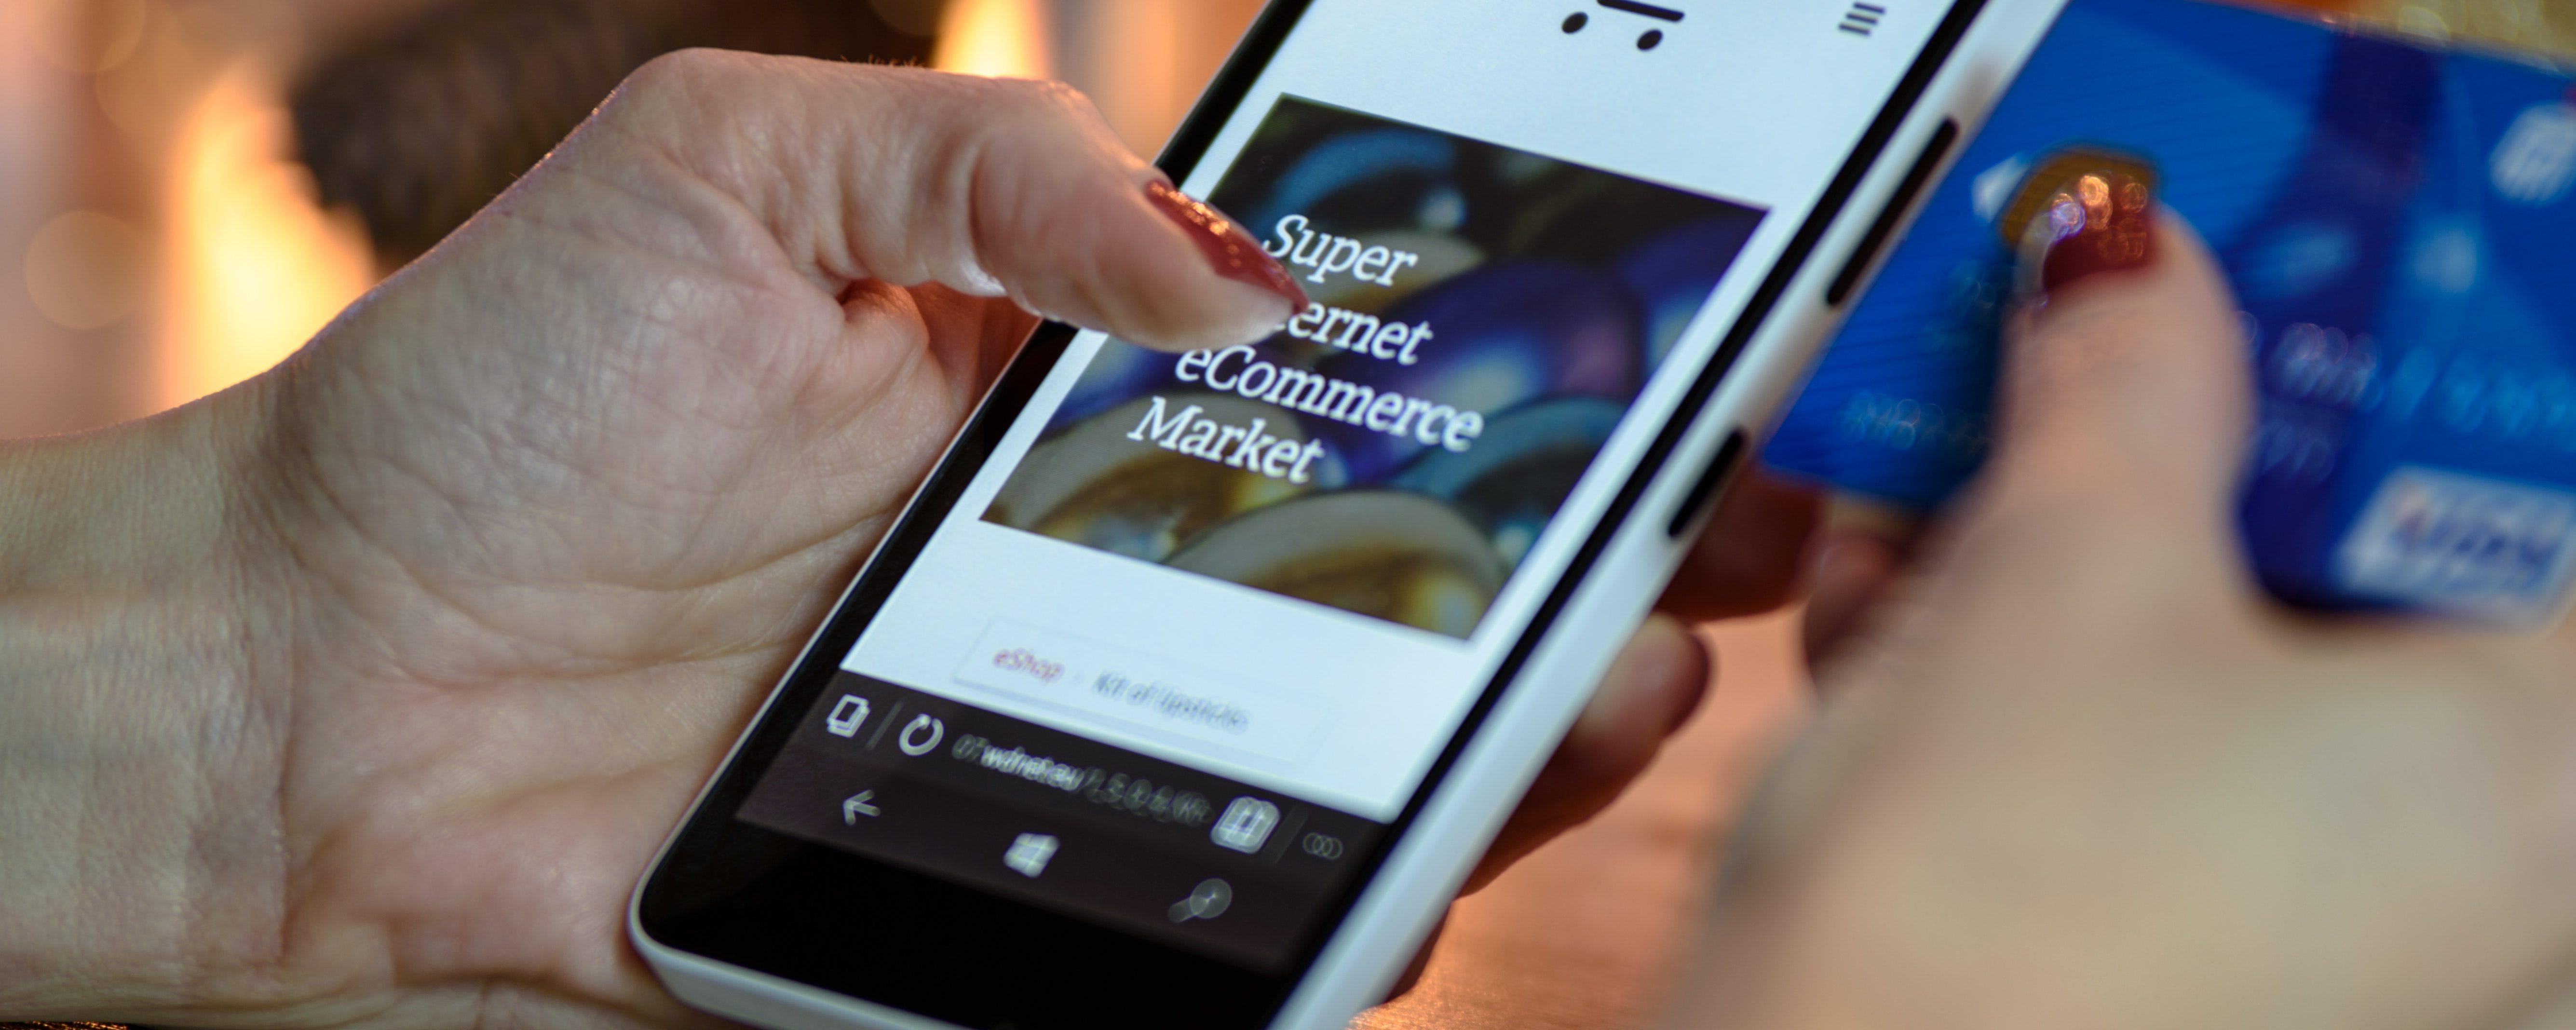 Smartphone: cruciale nelle scelte dei consumatori